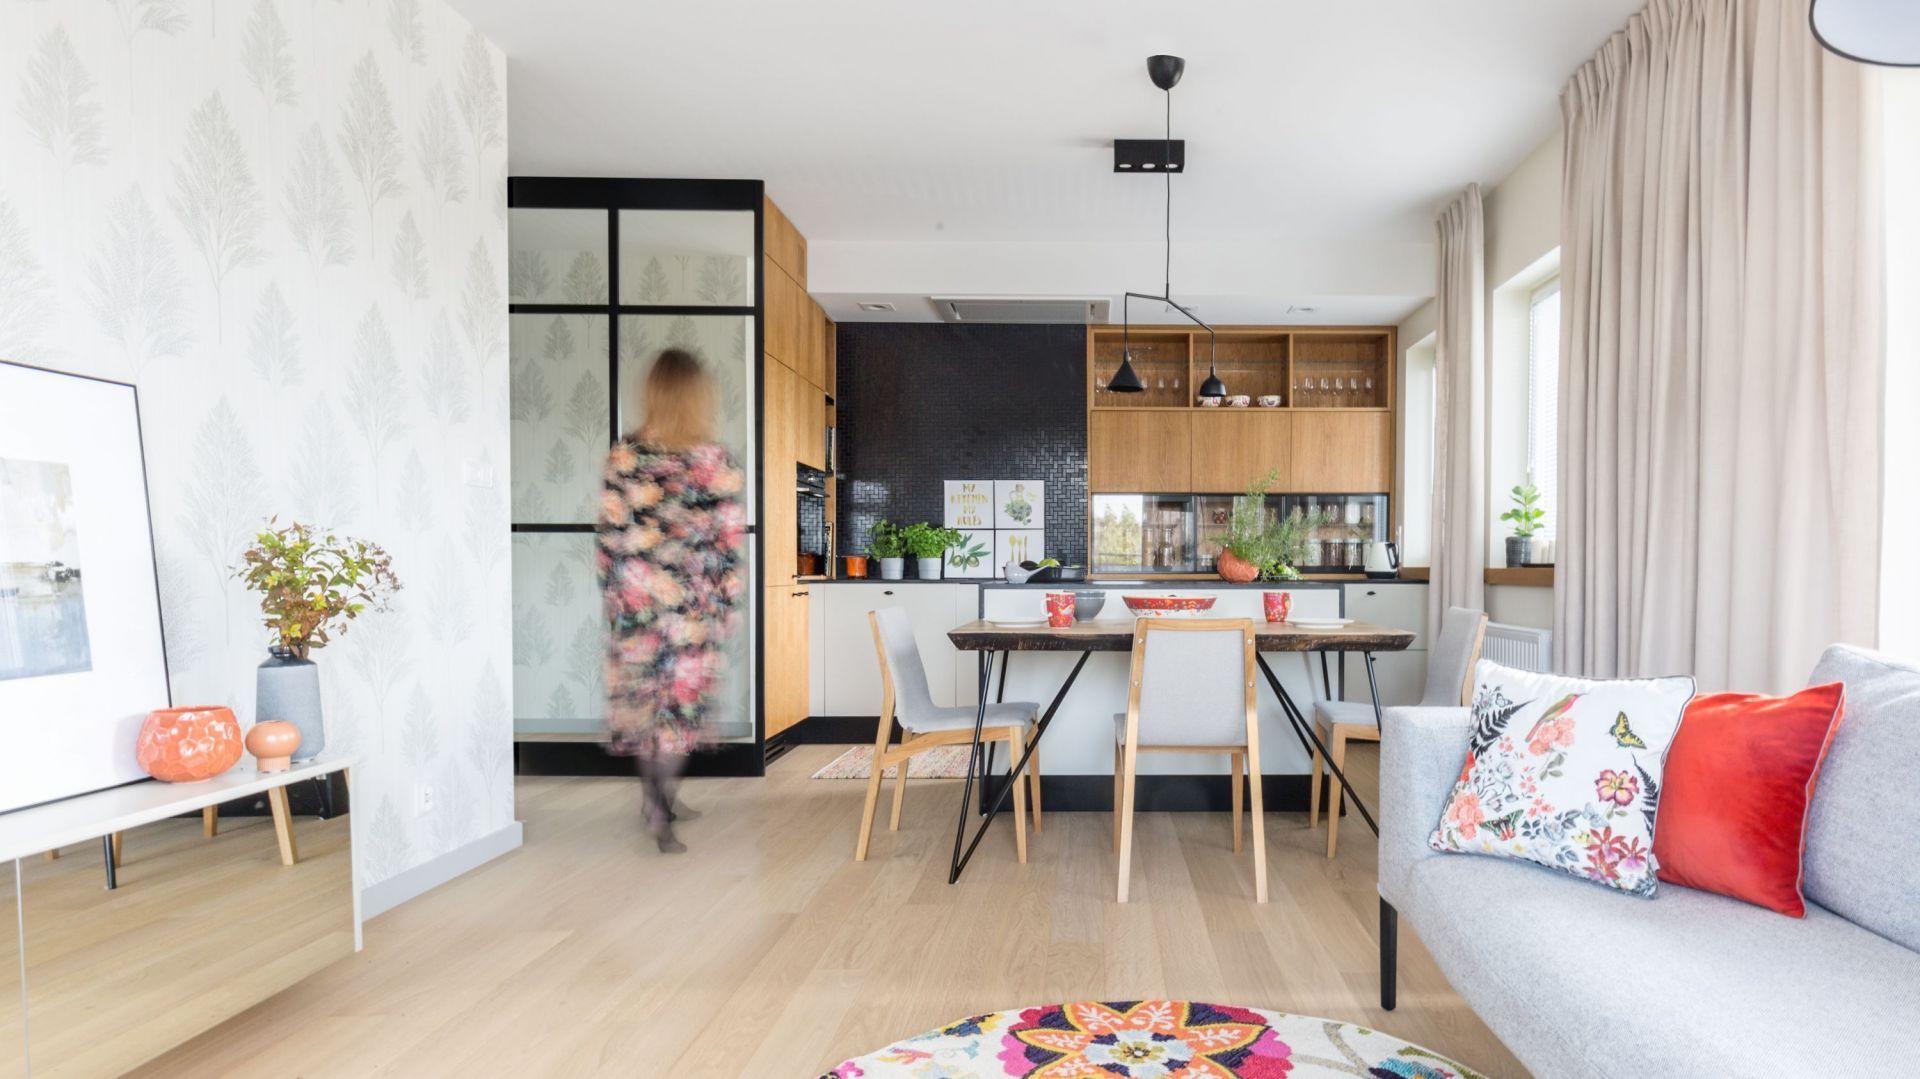 Modna kuchnia w bloku - pomysł na małą drewnianą kuchnię. Projekt: Agnieszka Morawiec, Pracownia Projektowa Siedem. Fot. Pion Poziom